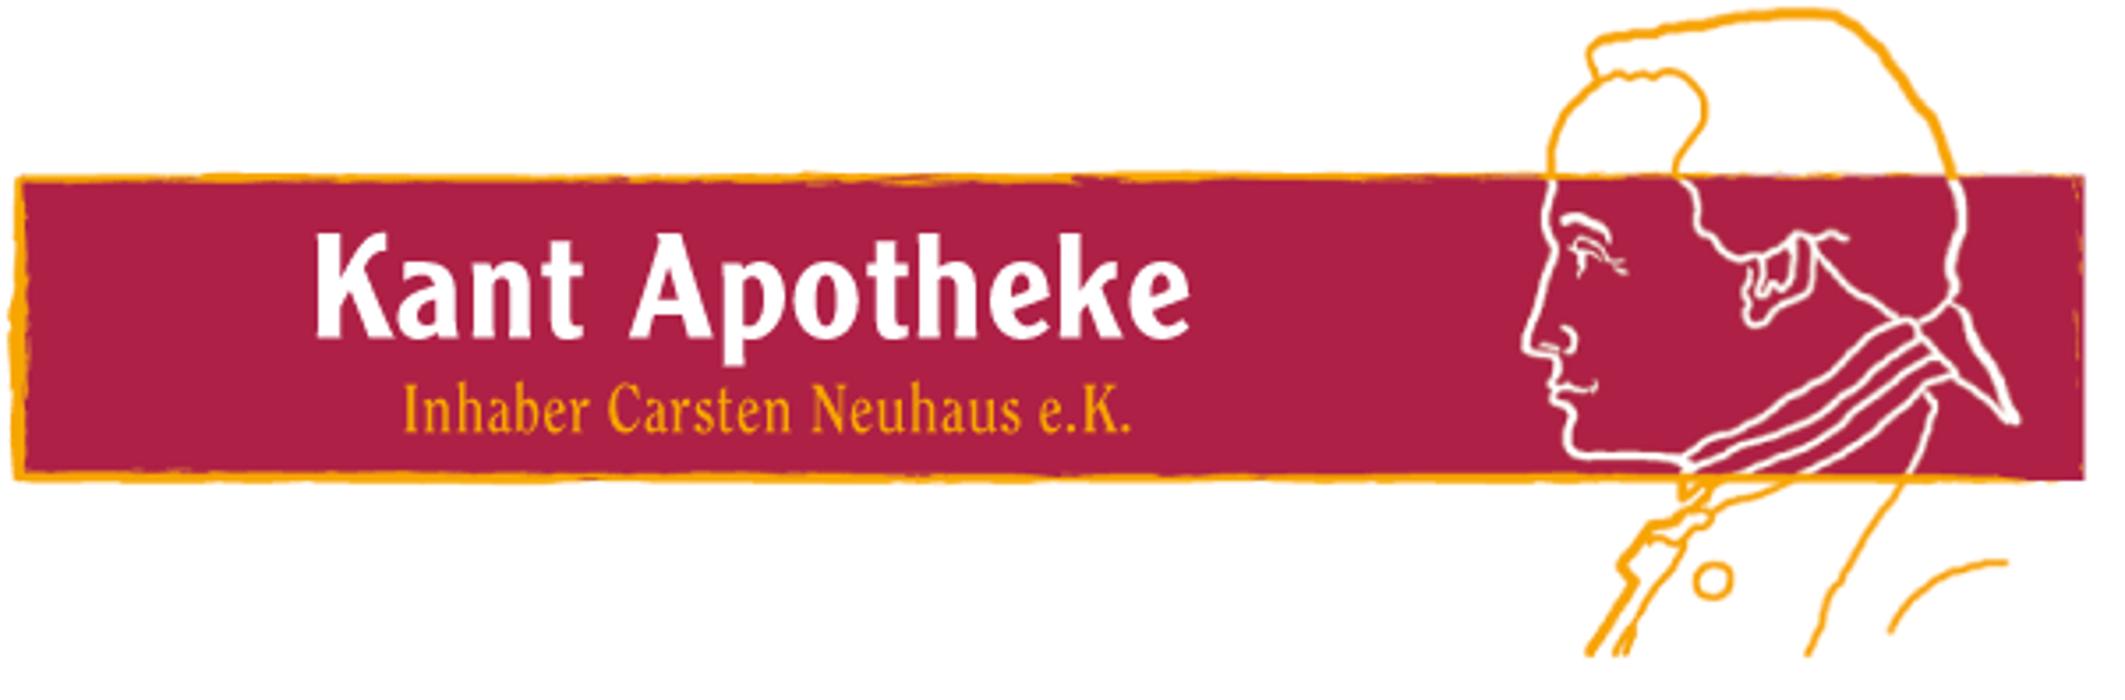 Bild zu Kant Apotheke Inh. Carsten Neuhaus e.K. in Lübeck